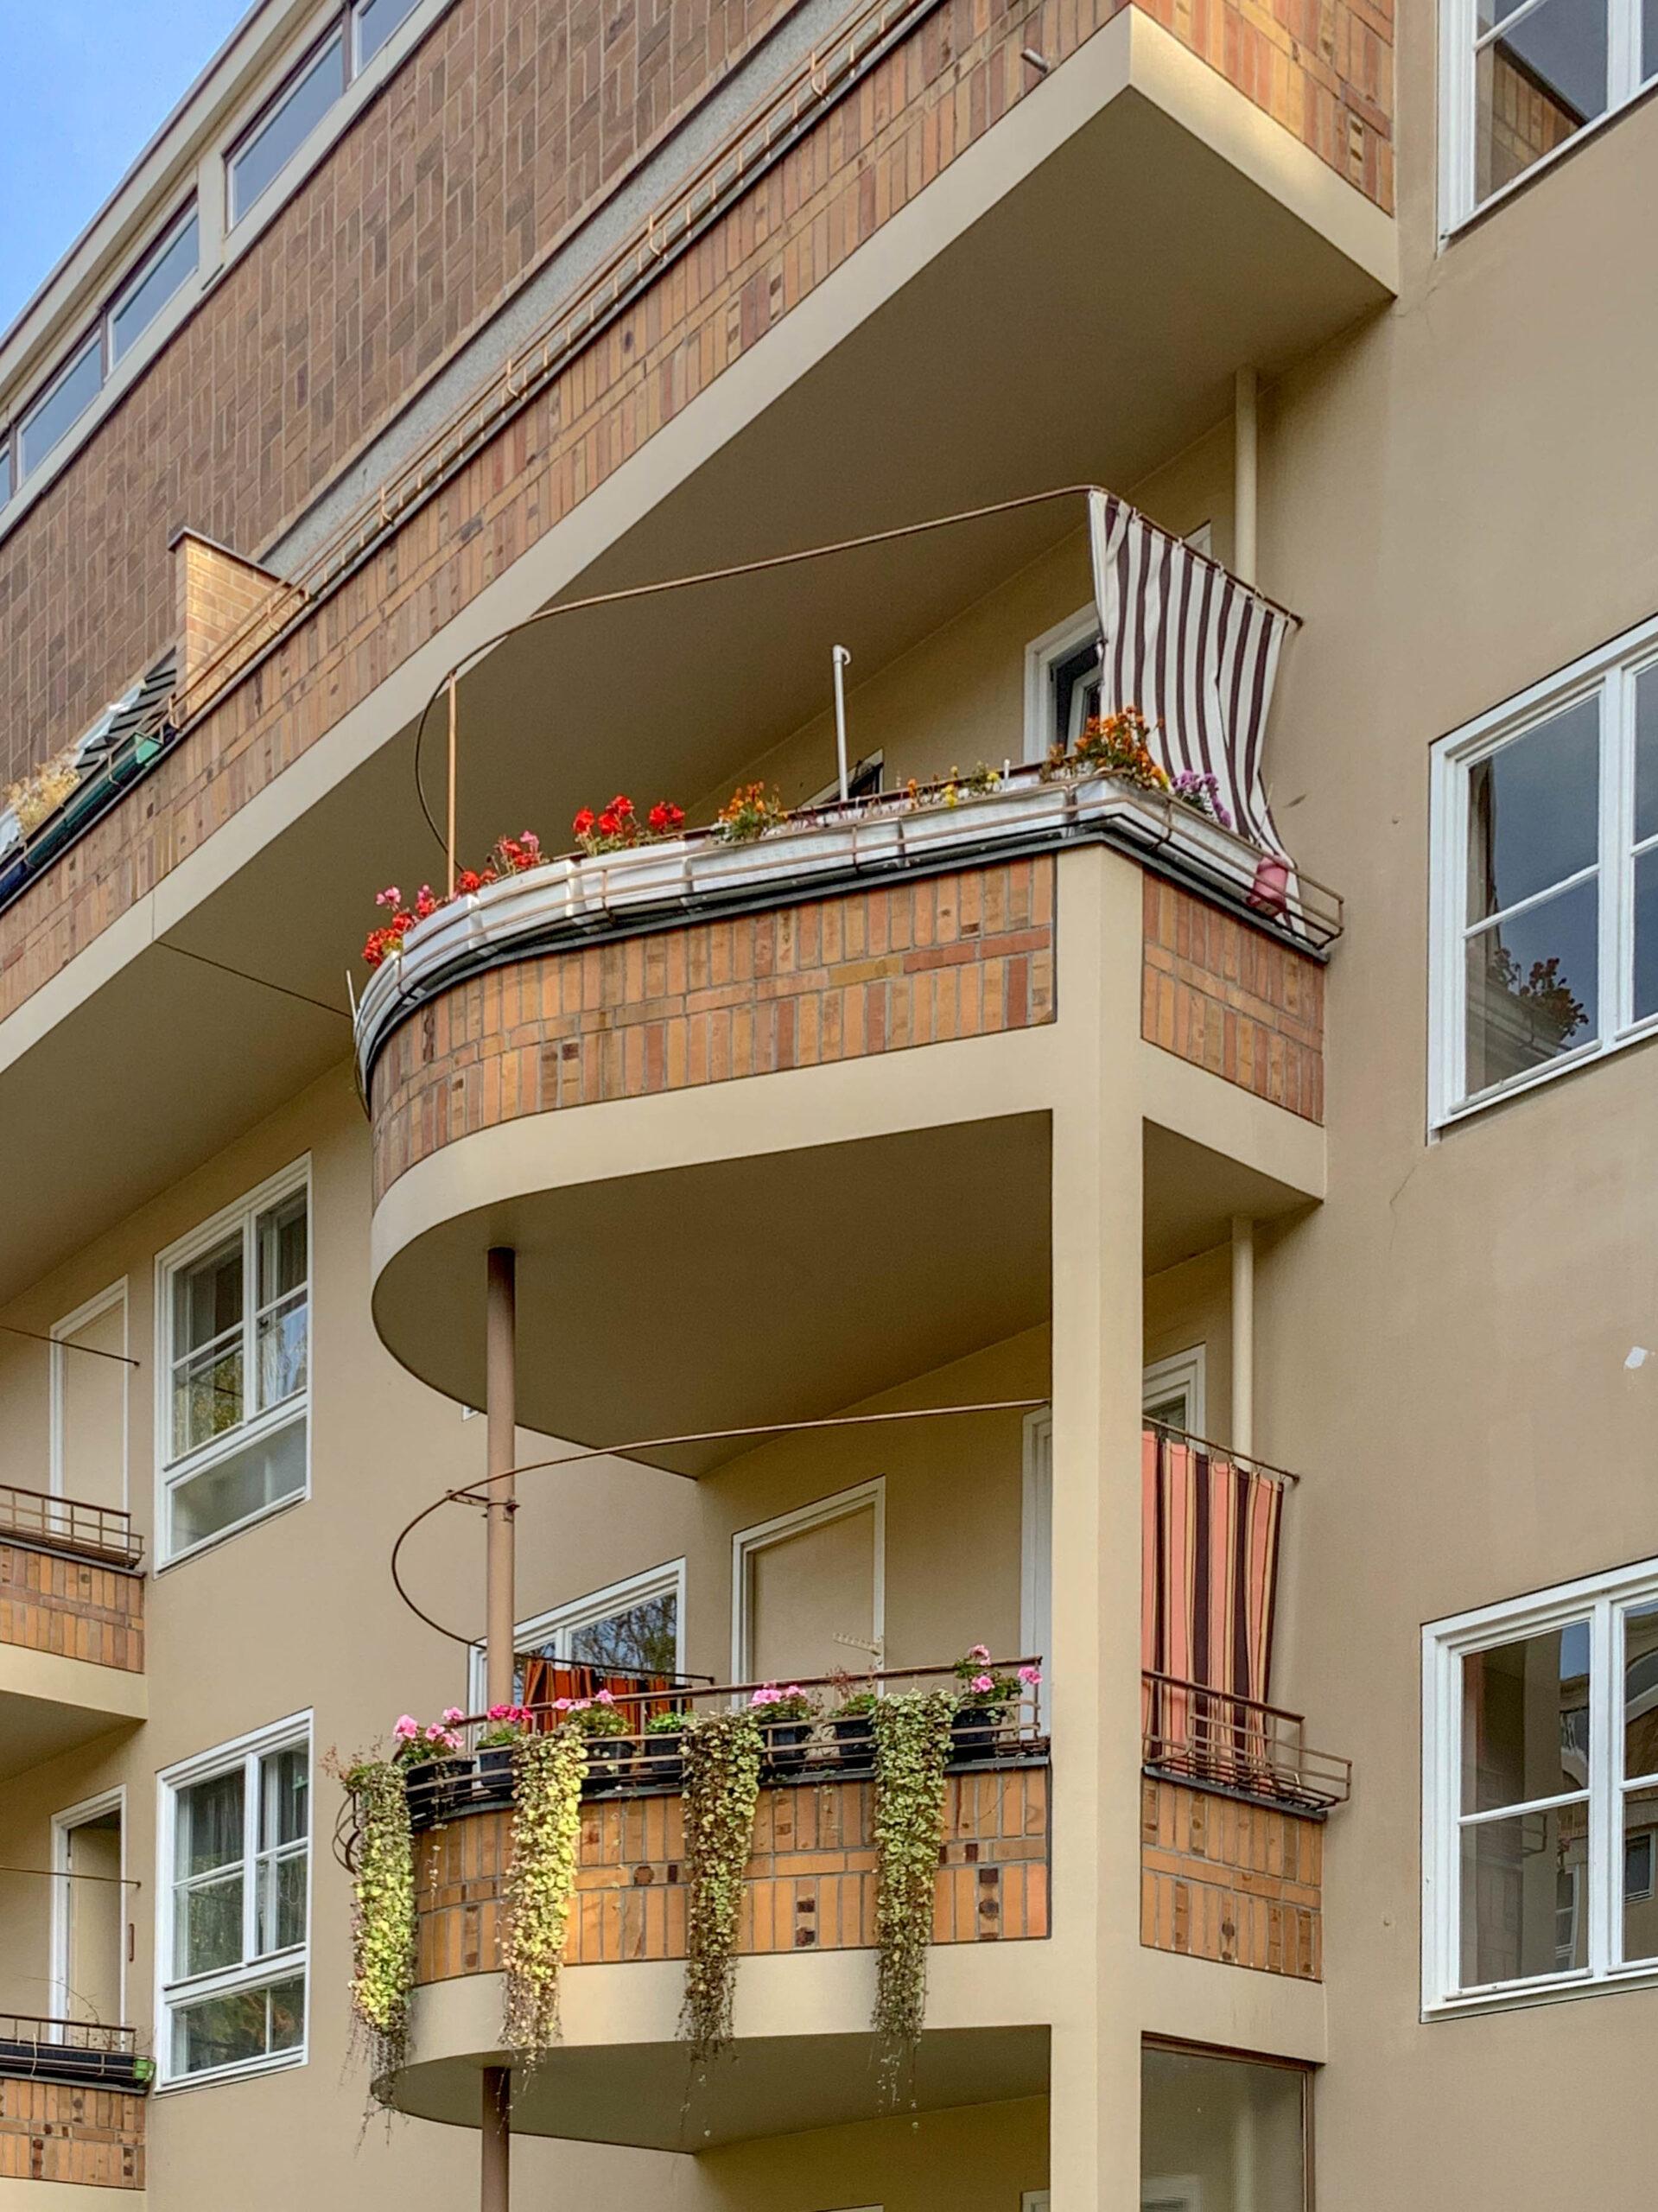 Residential complex, Siemensstadt, 1929-1931. Architect: Hugo Häring